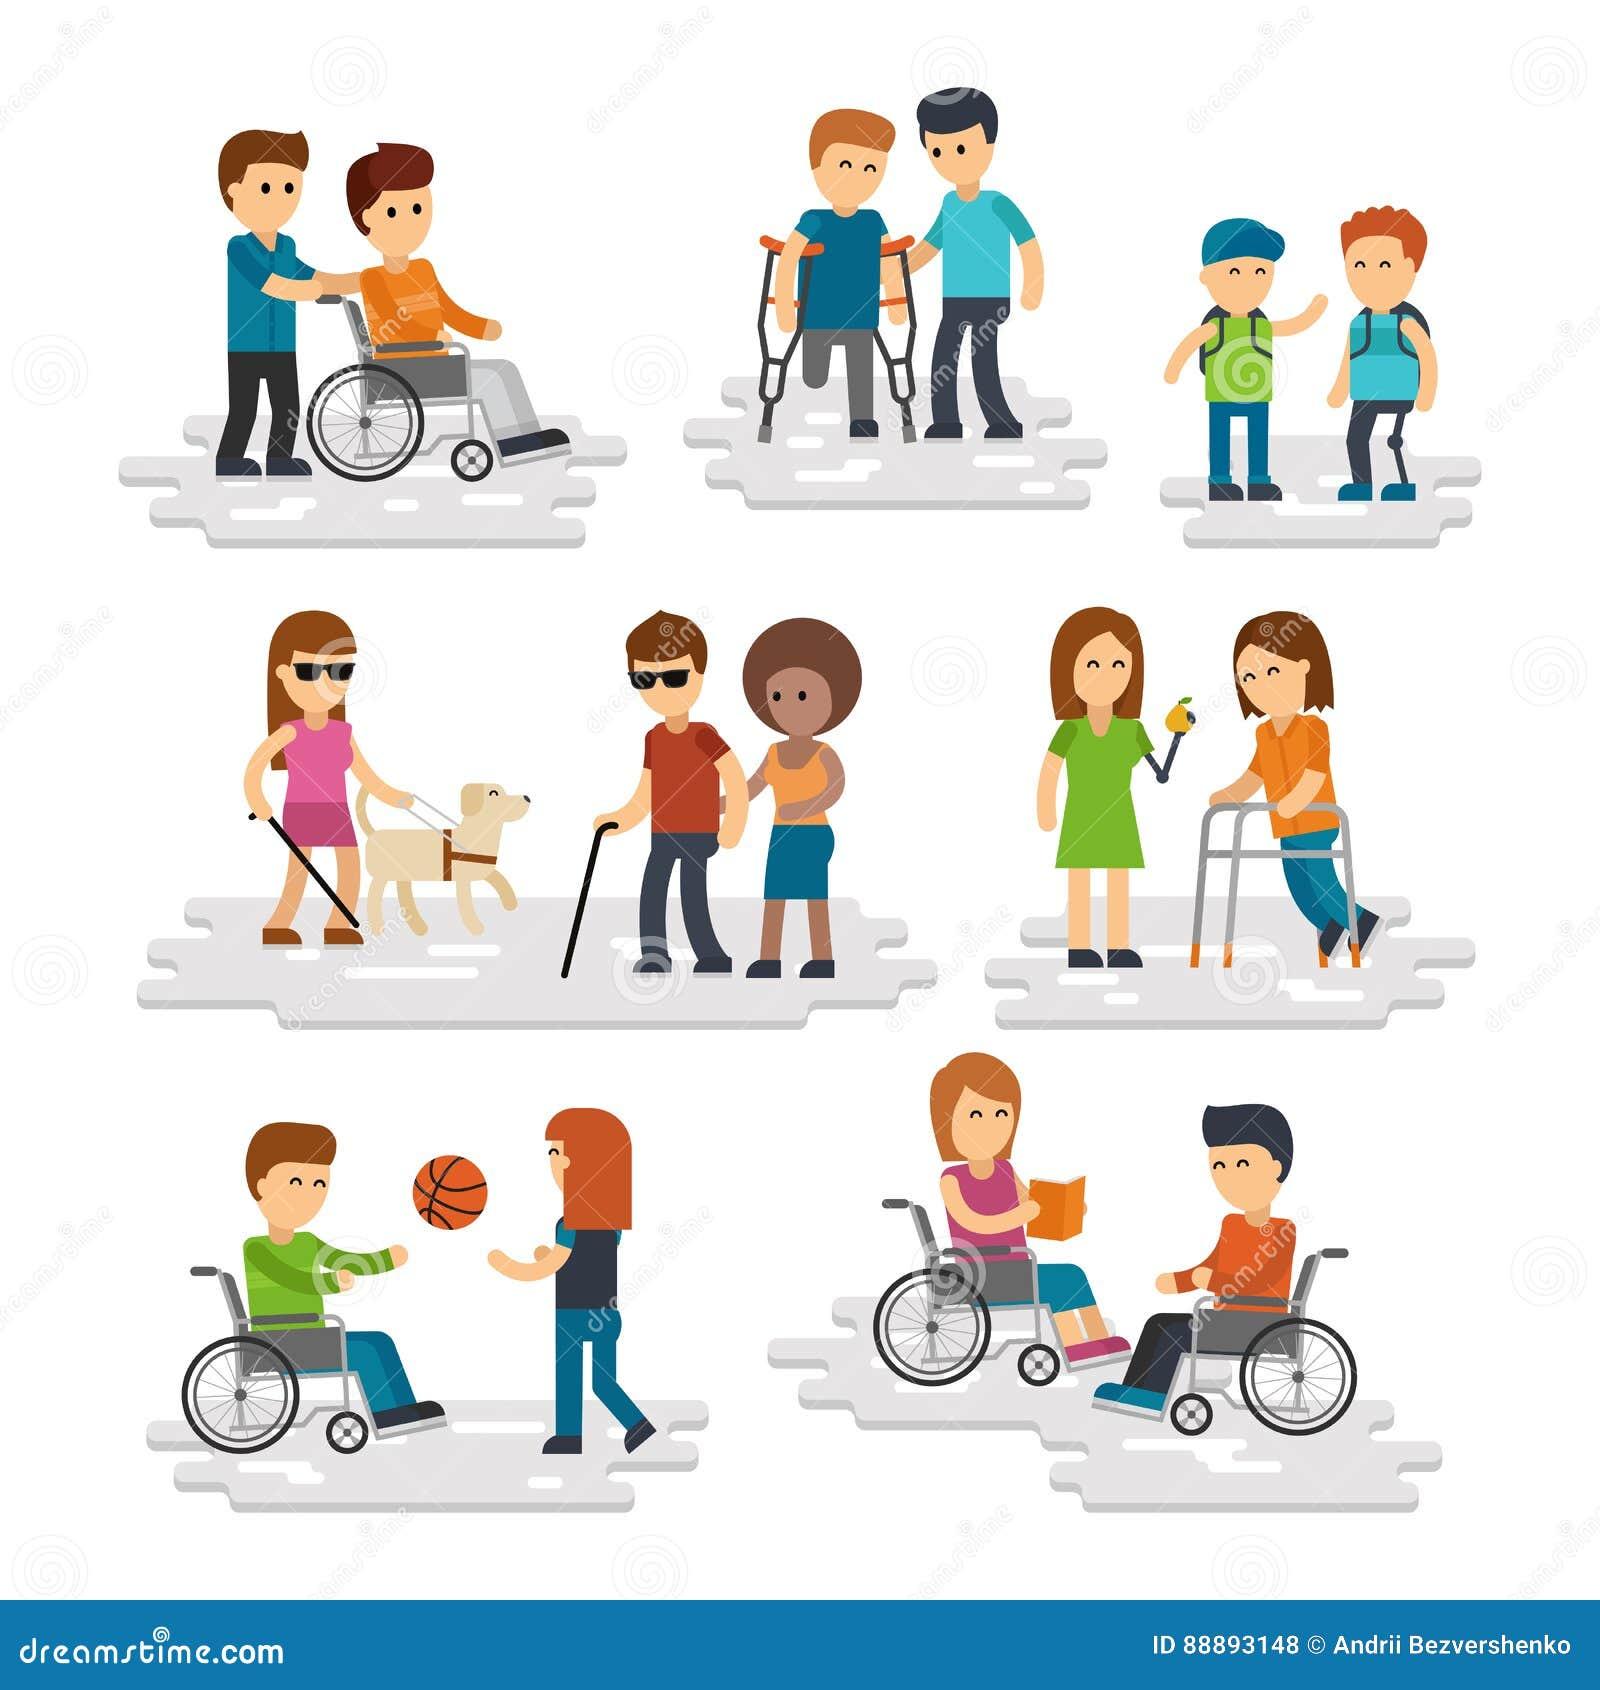 伤残平人的传染媒介 年轻帮助他们的残疾人和朋友